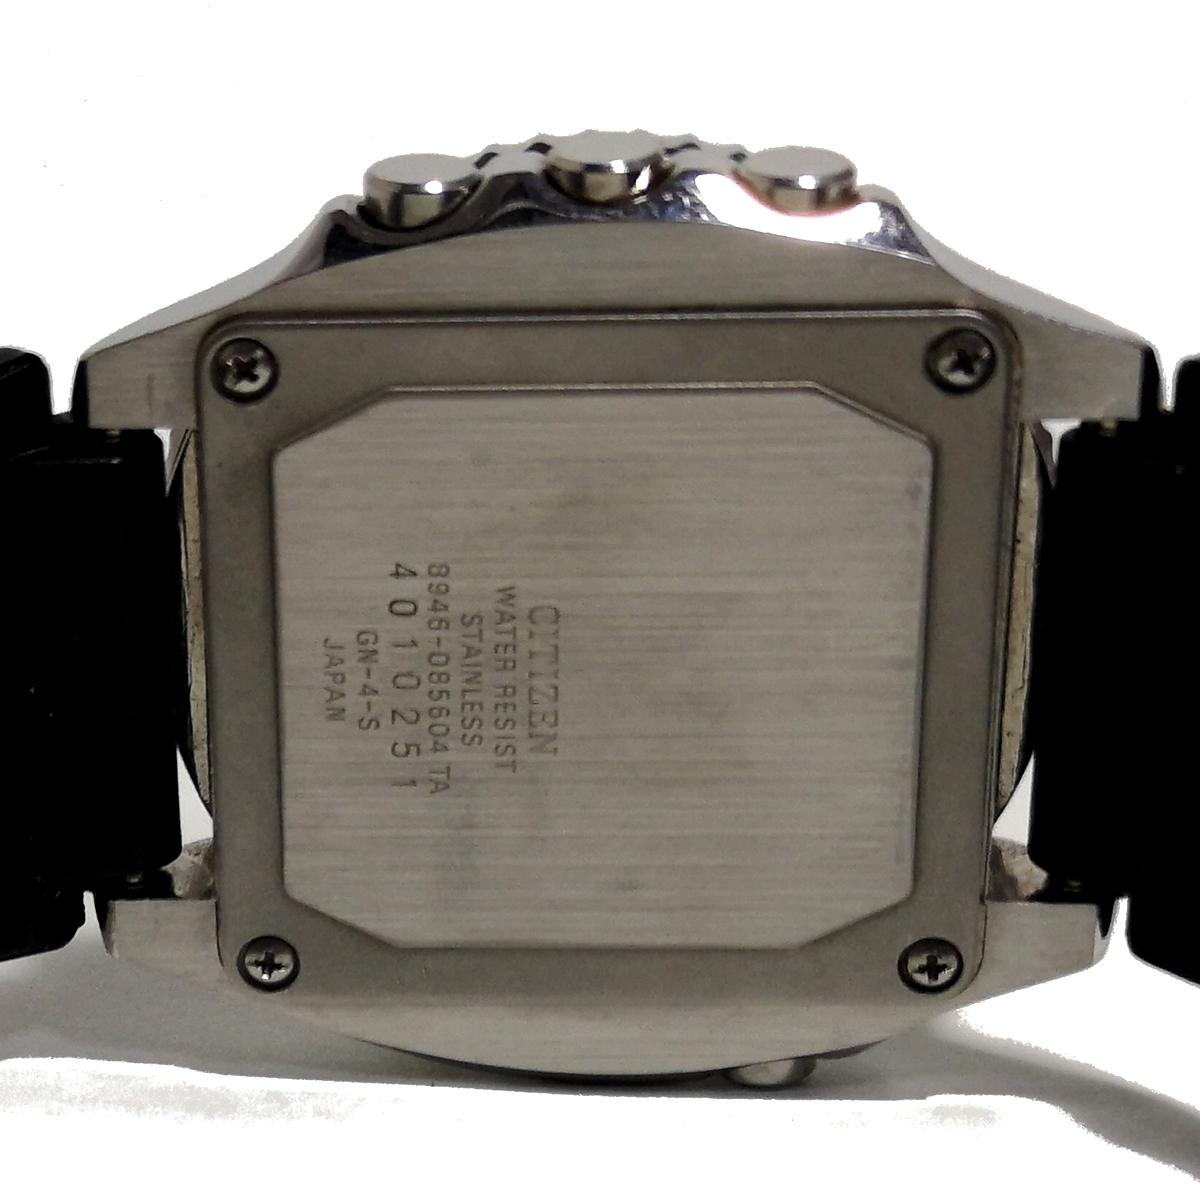 極希少 1円スタート シチズン アラームクロノグラフ CITIZEN ALARM CHRONOGRAPH【アナログ×デジタル】8945-085604 ダイバー? メンズ腕時計_画像8